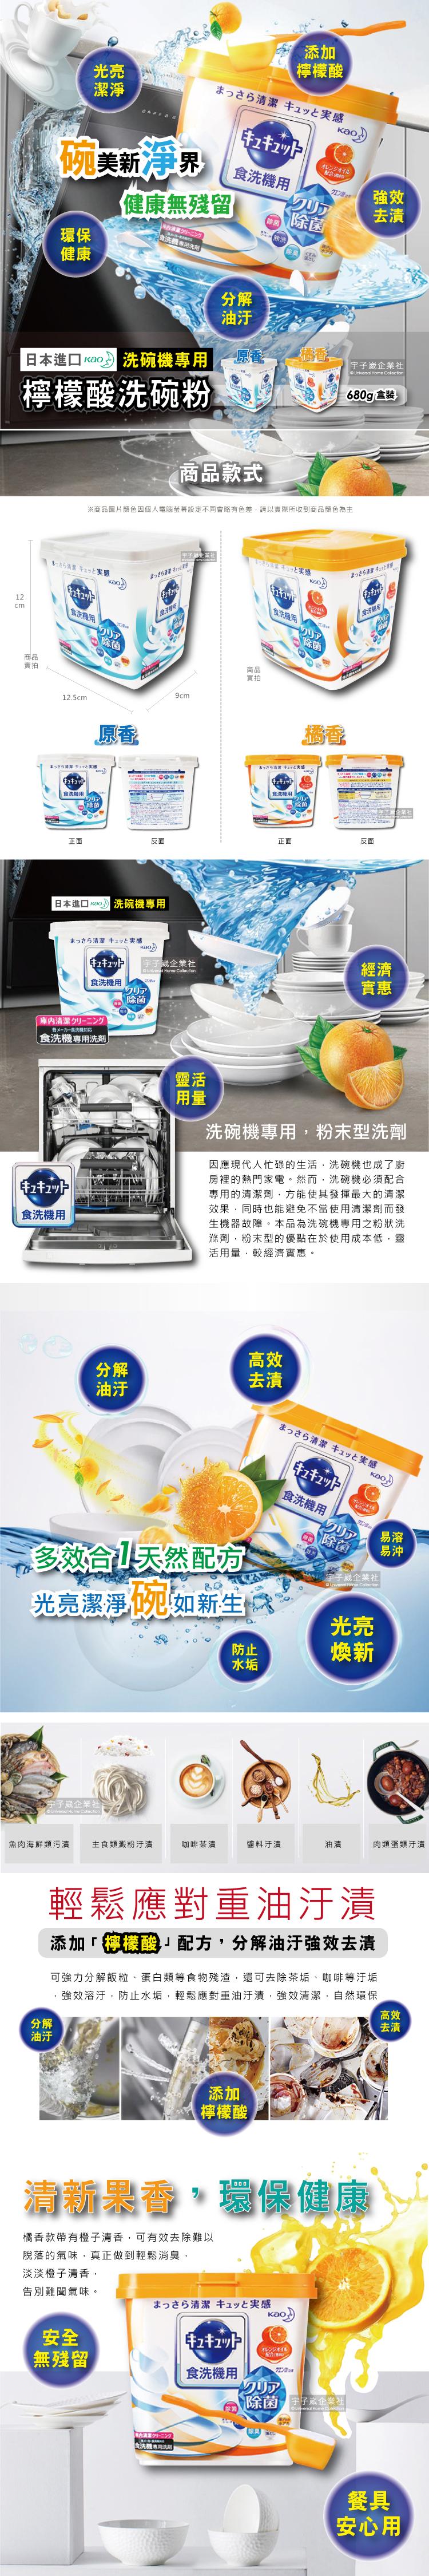 日本花王KAO洗碗機專用檸檬酸洗碗粉介紹圖